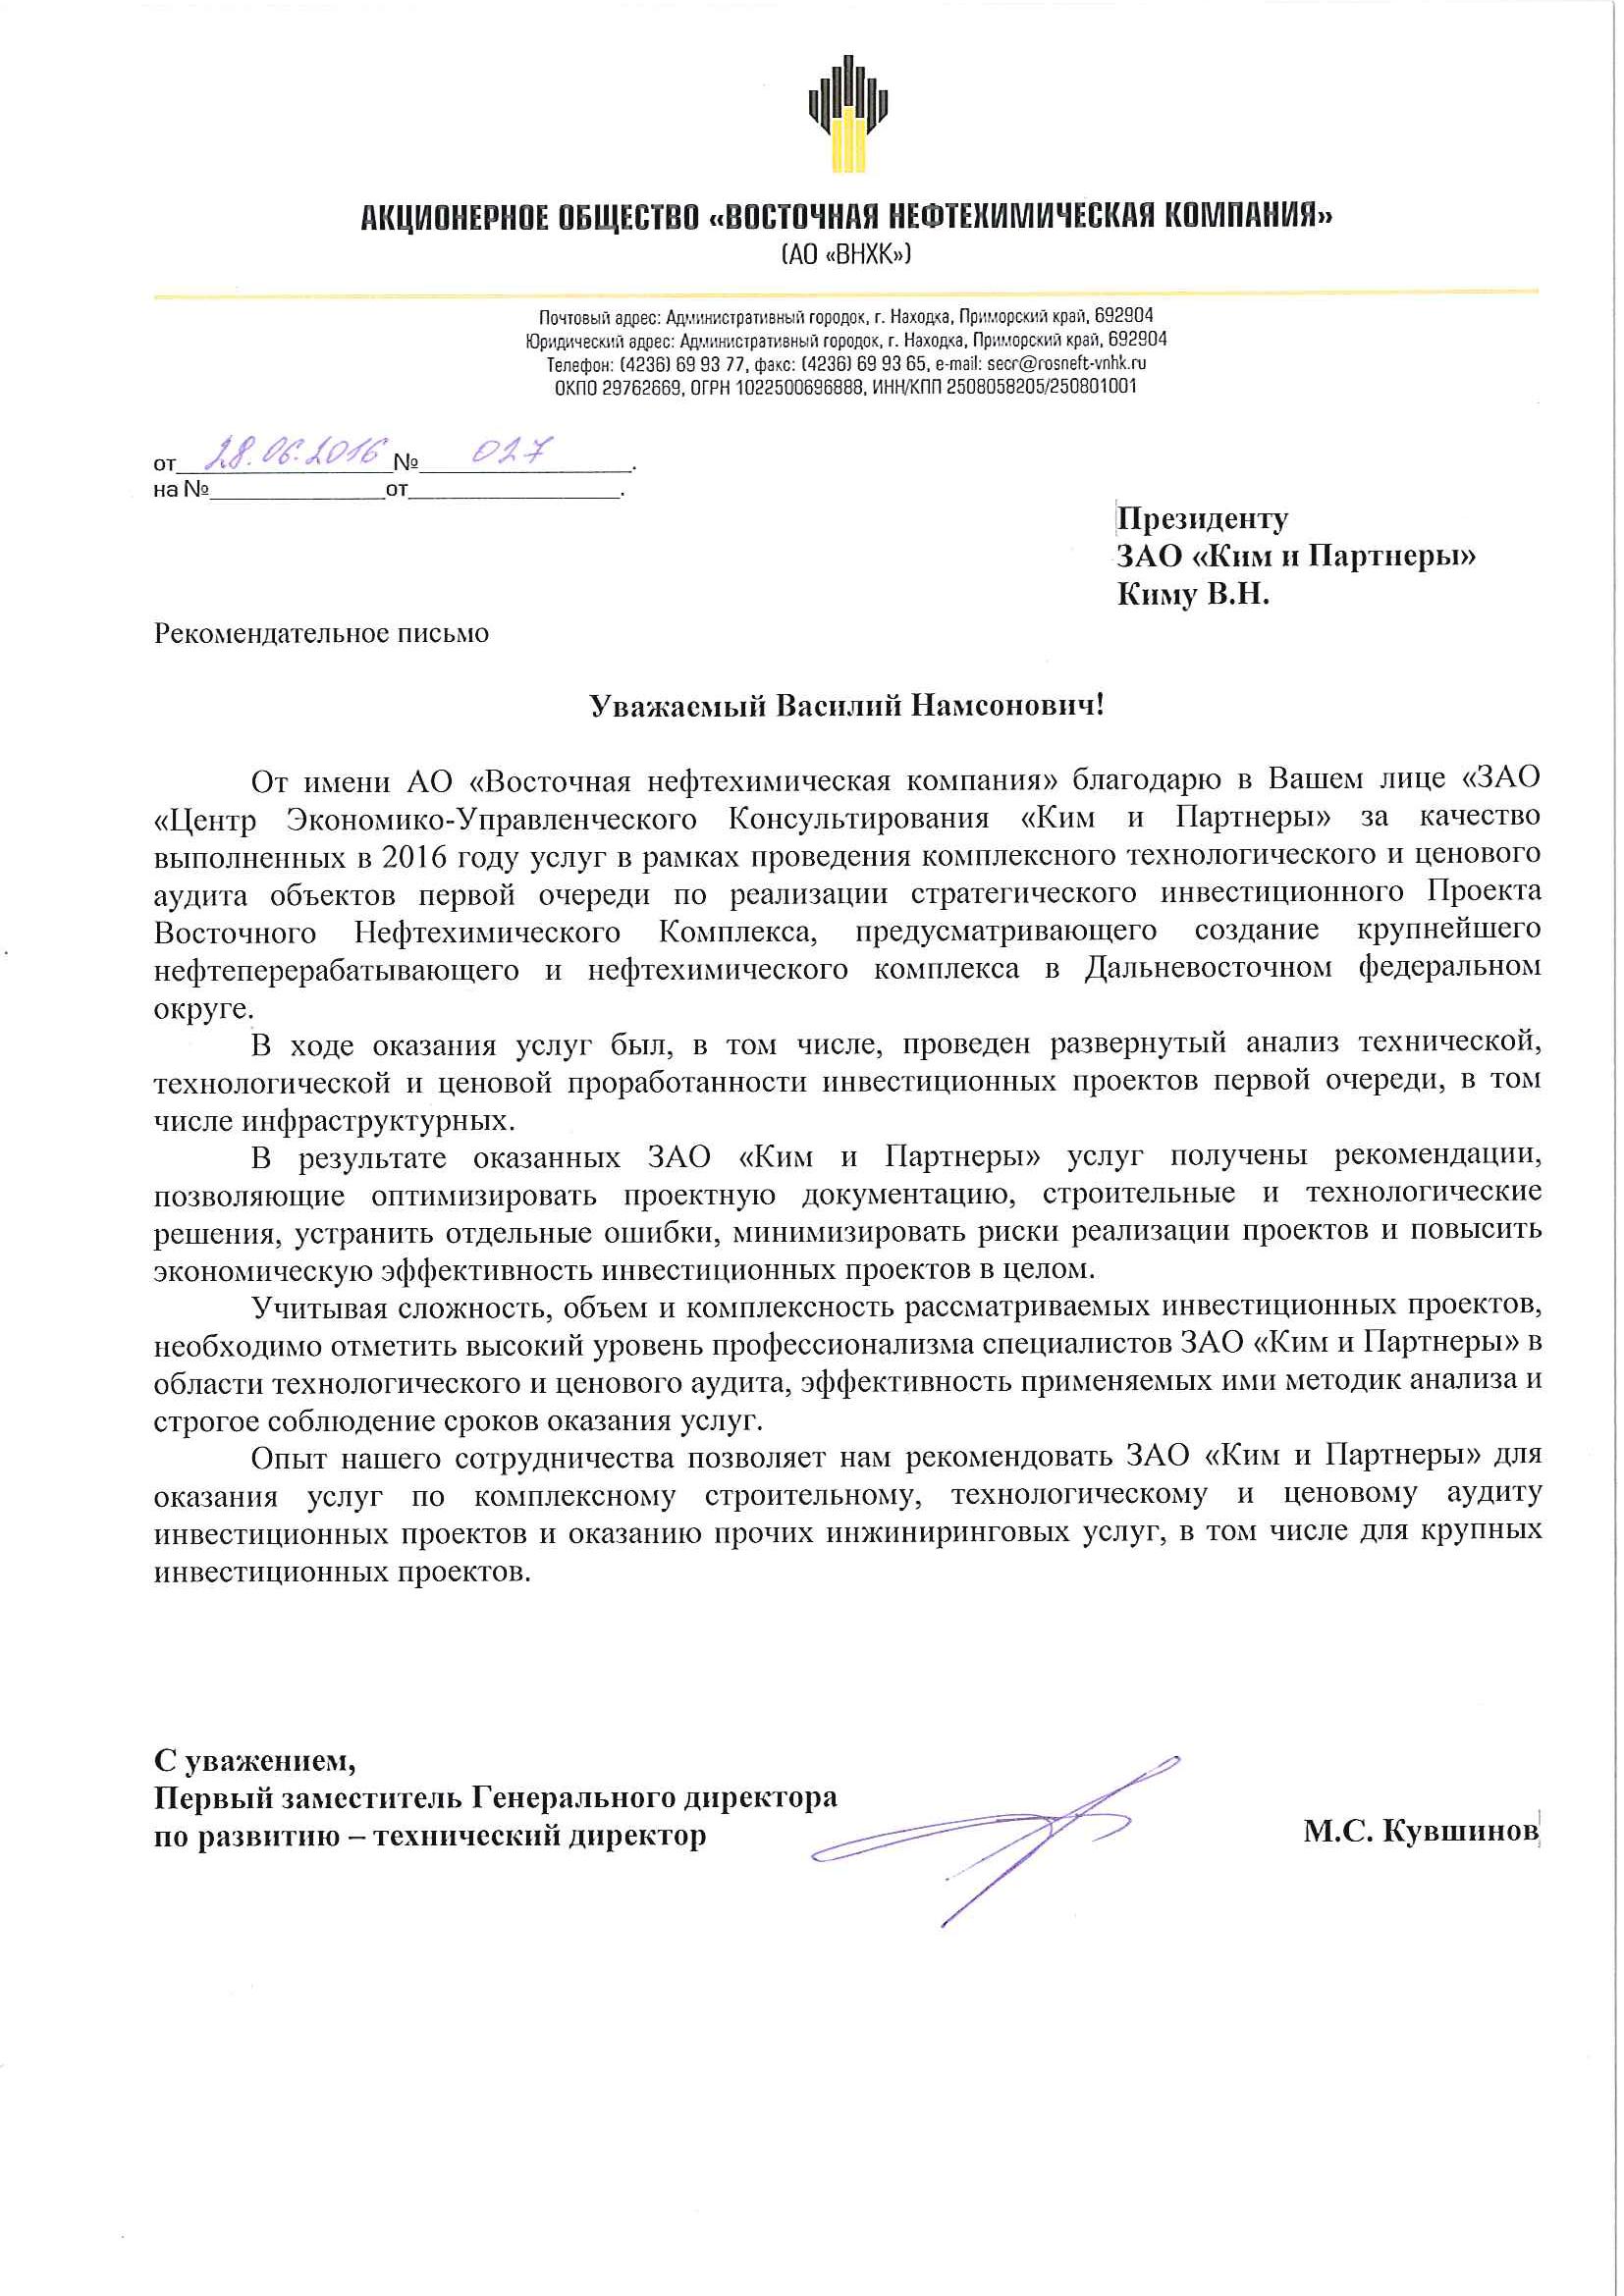 Строительно-техническая экспертиза Роснефть.png